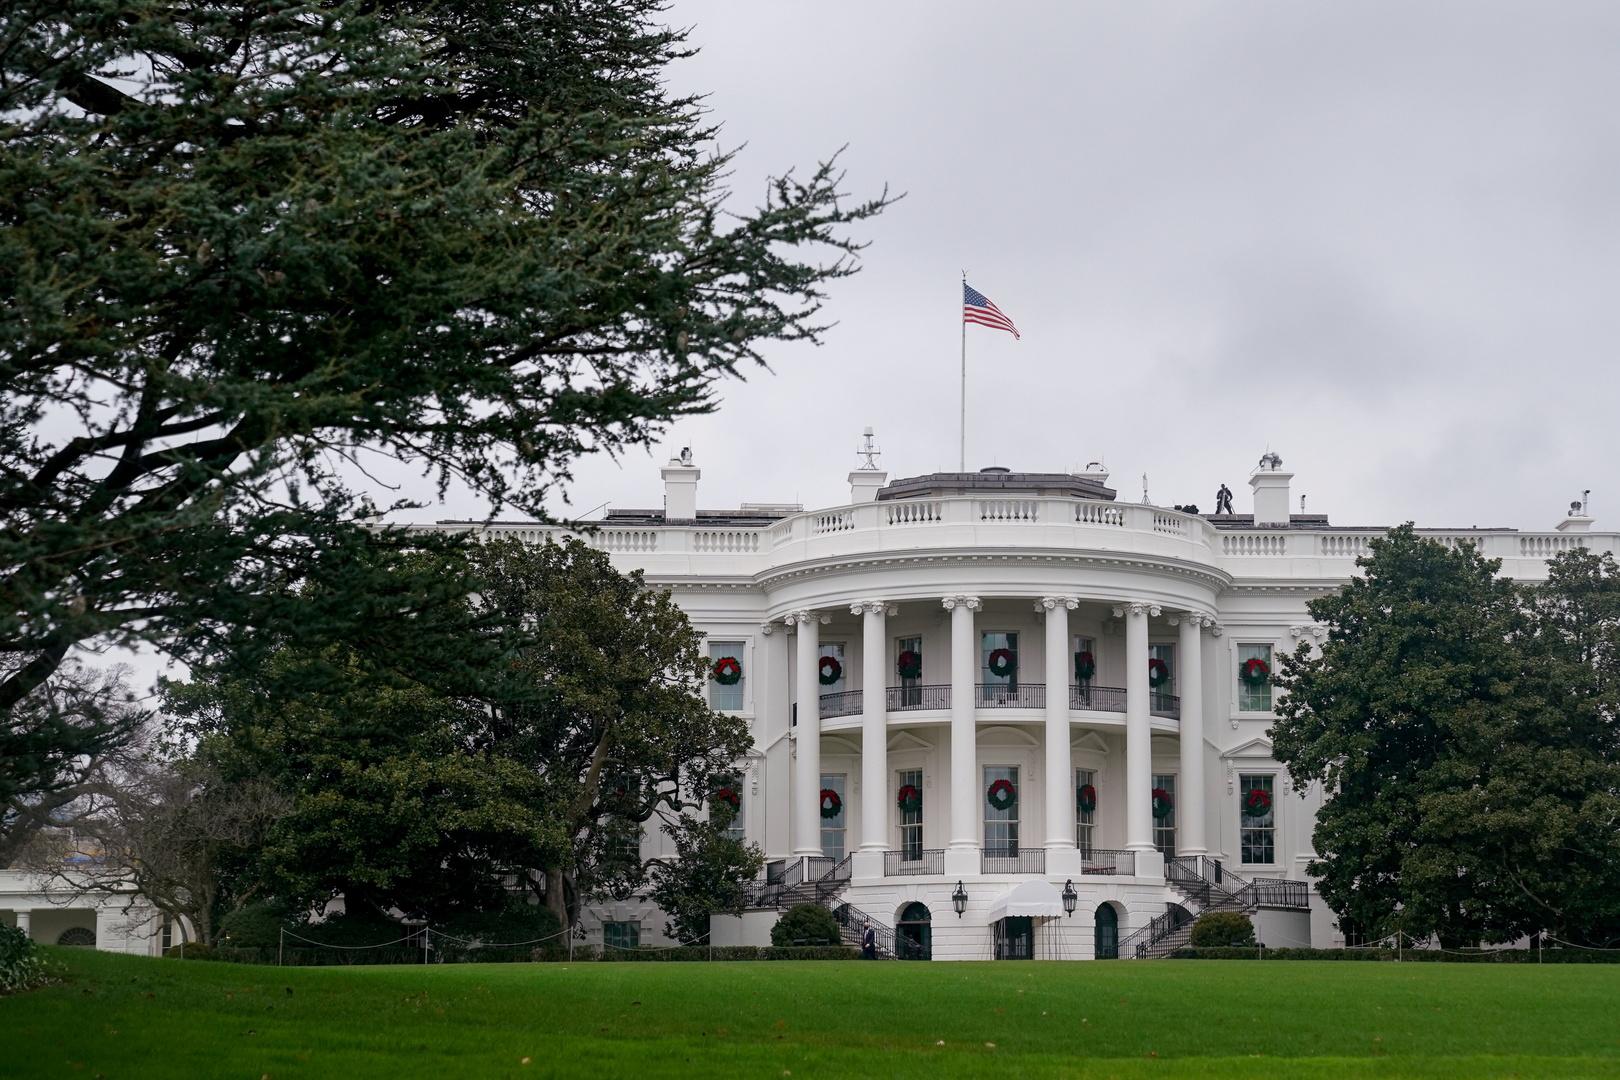 إقالة مسؤول بوزارة الخارجية الأمريكية مختص بالشأن الإيراني دعا إلى رحيل ترامب